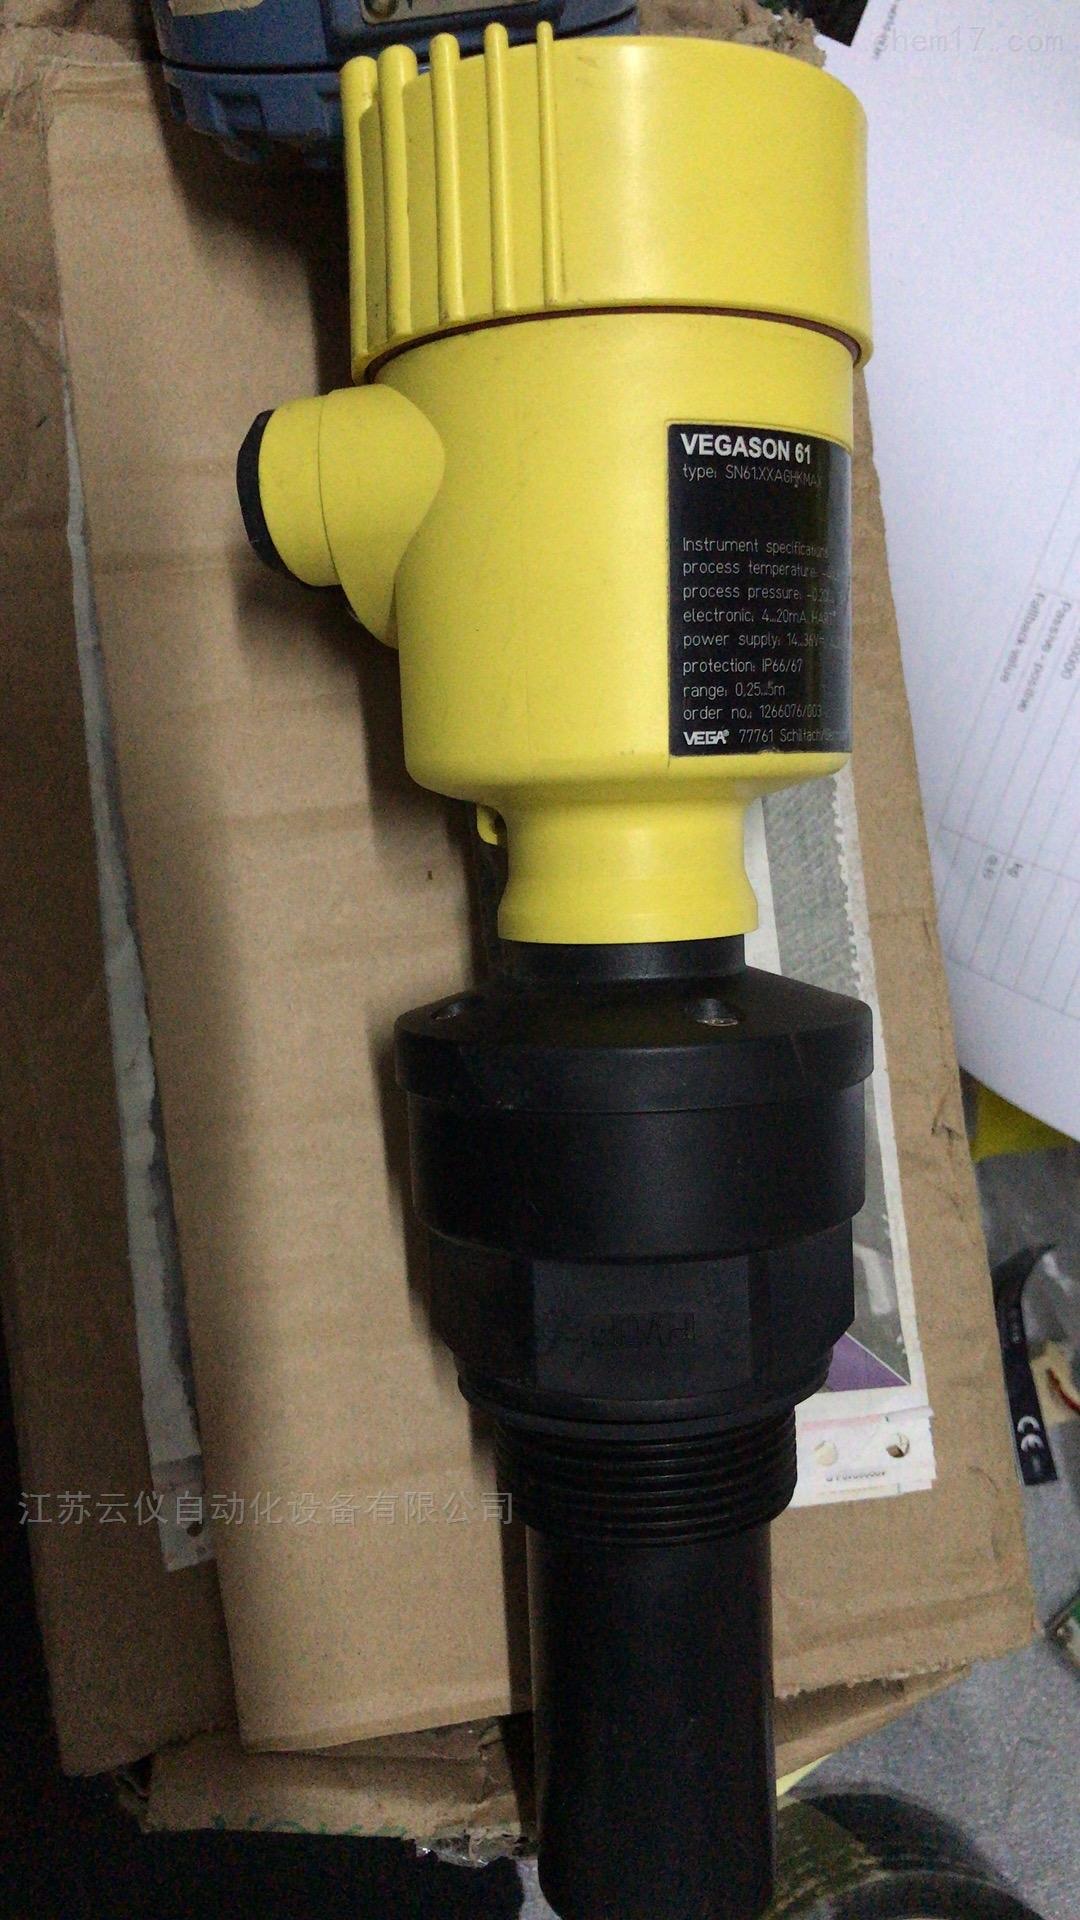 德国VEGA进口VEGASN61超声波液位计